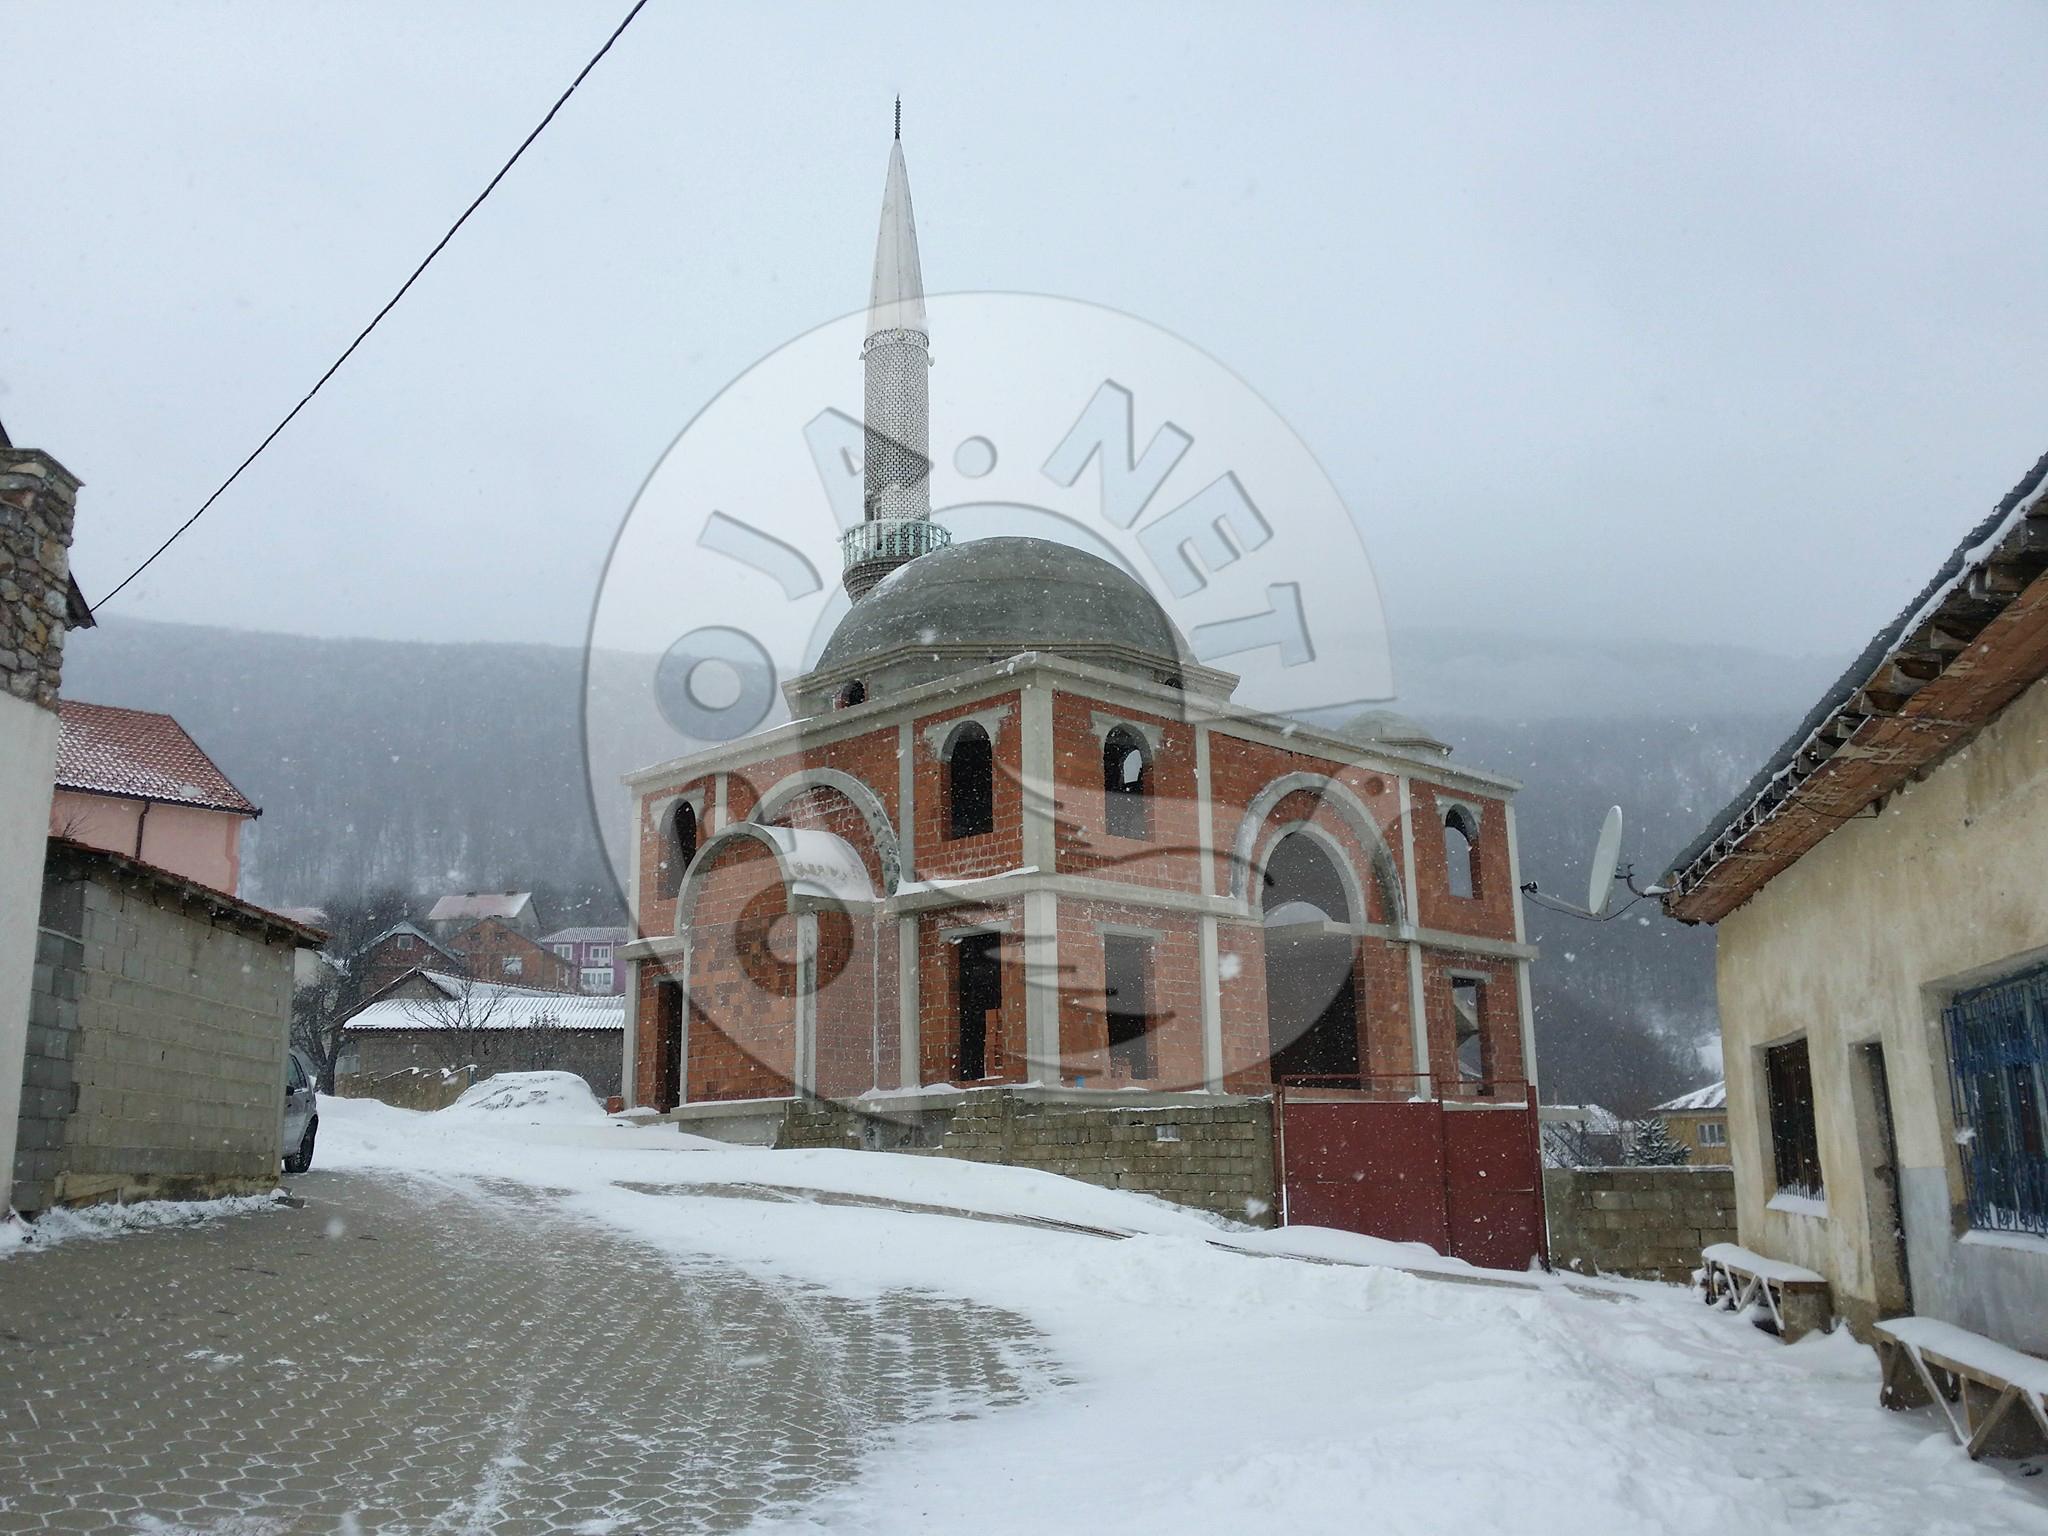 Përfunduan punimet e vrazhda në xhaminë e fshatit Buqë në Dragash